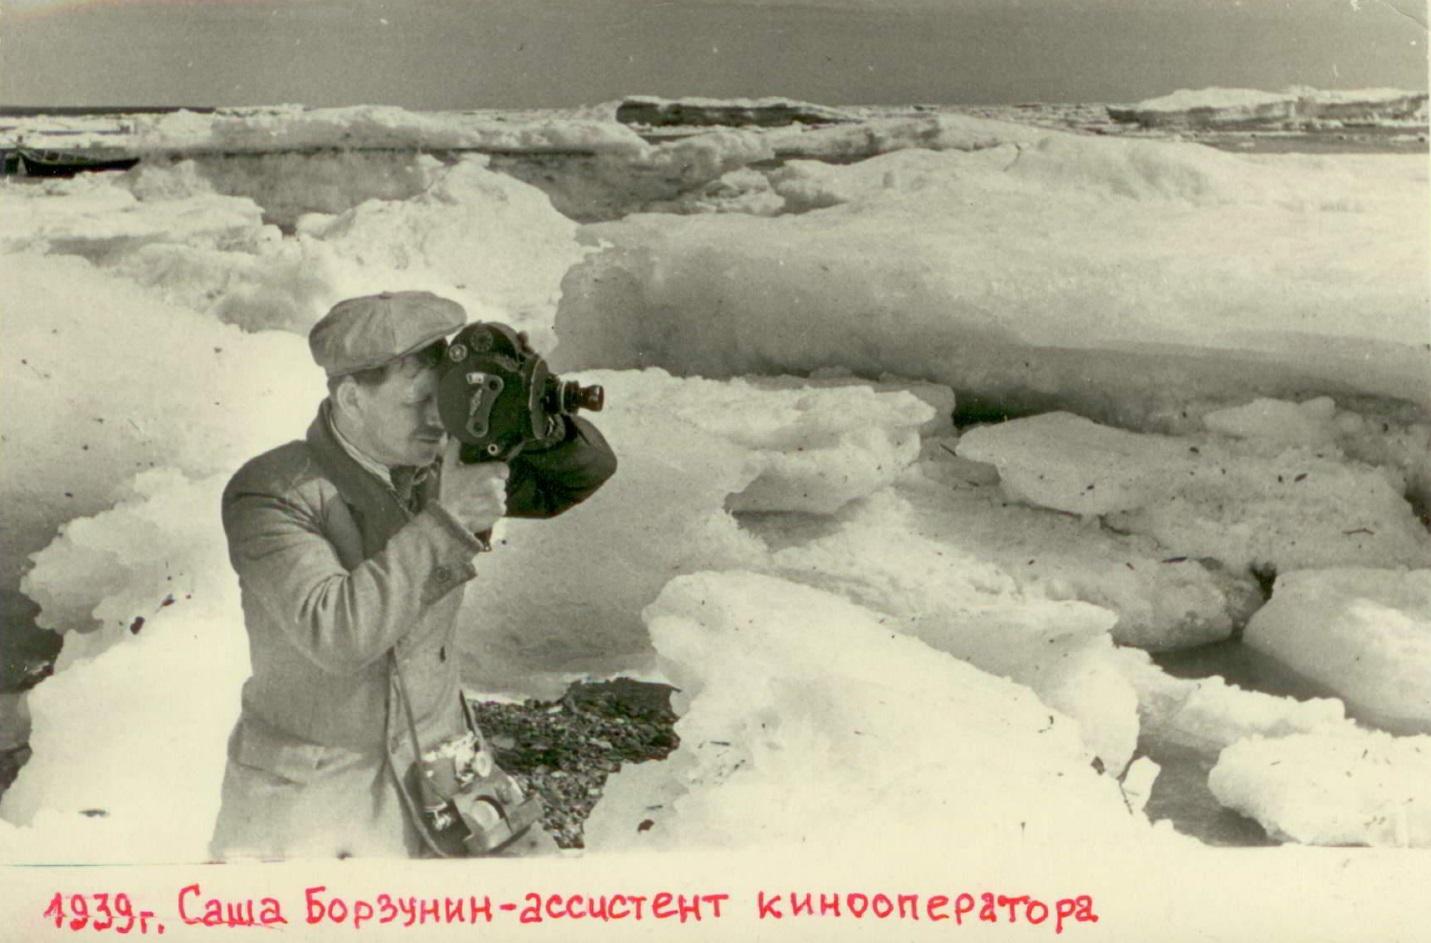 Экспонат #5. 1939 год